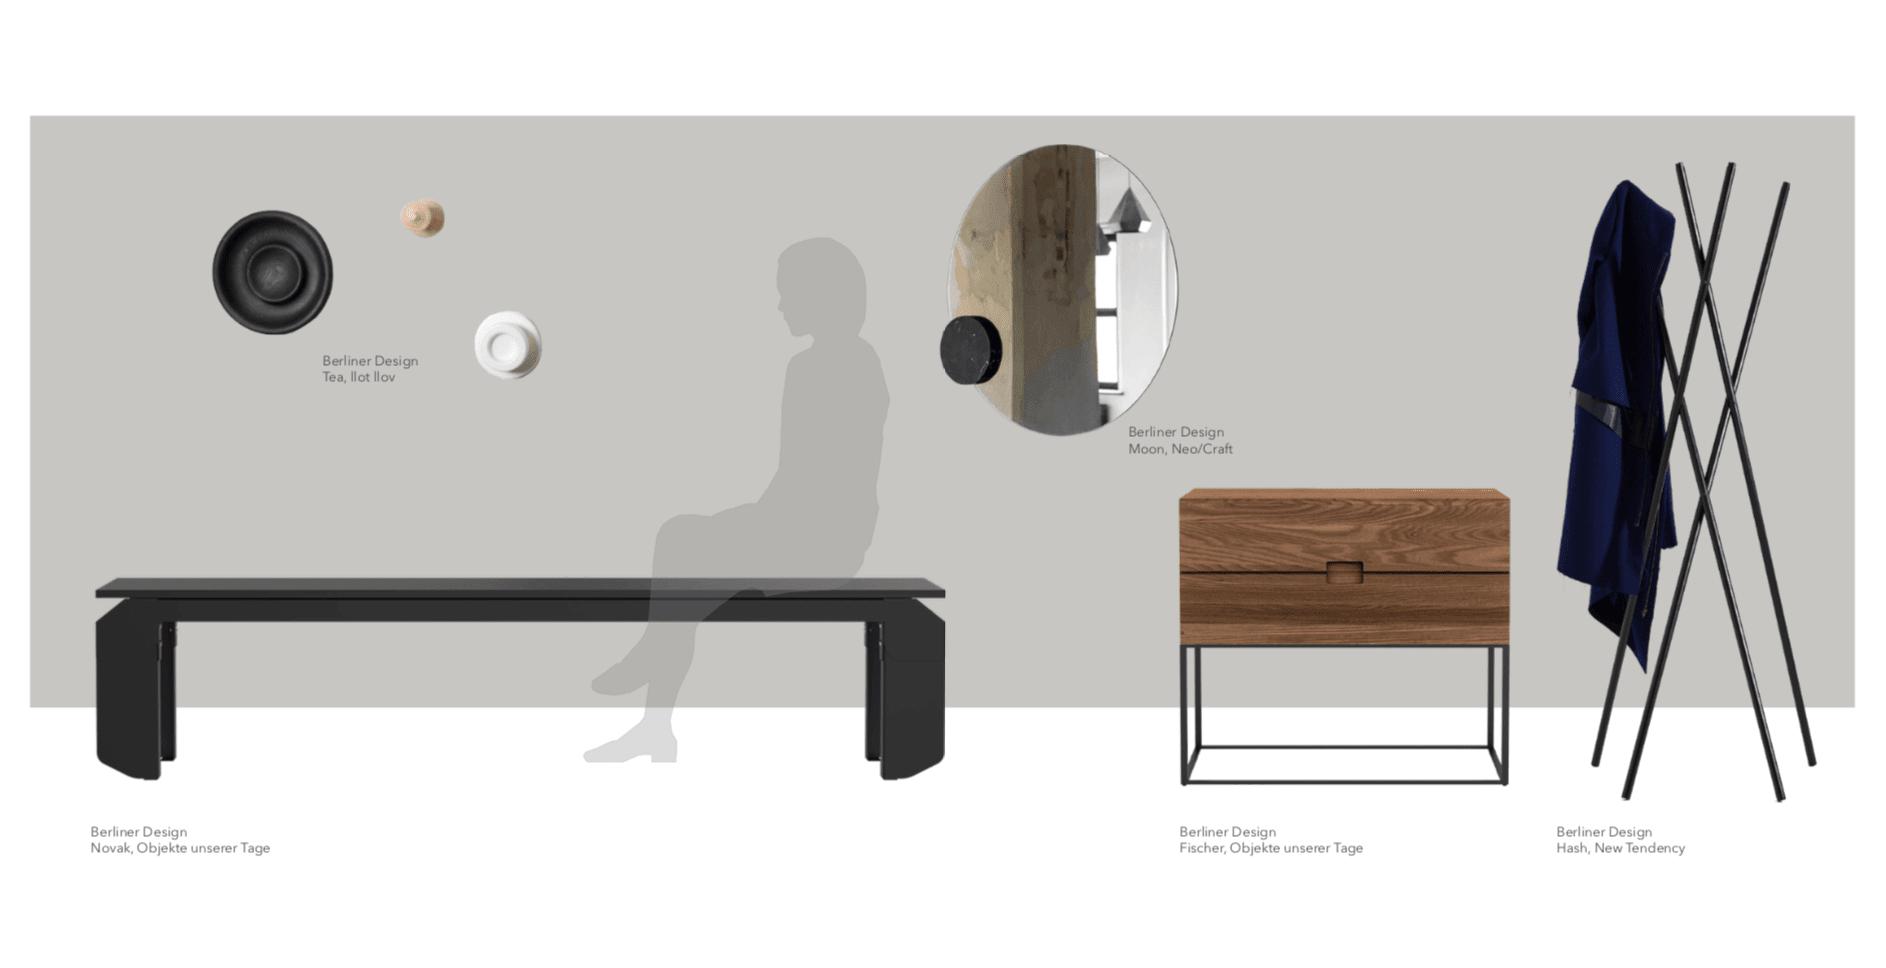 Eingangsbereich-berlin-x-Create-Berlin-x-minimumxbb8EB7u3dXJj